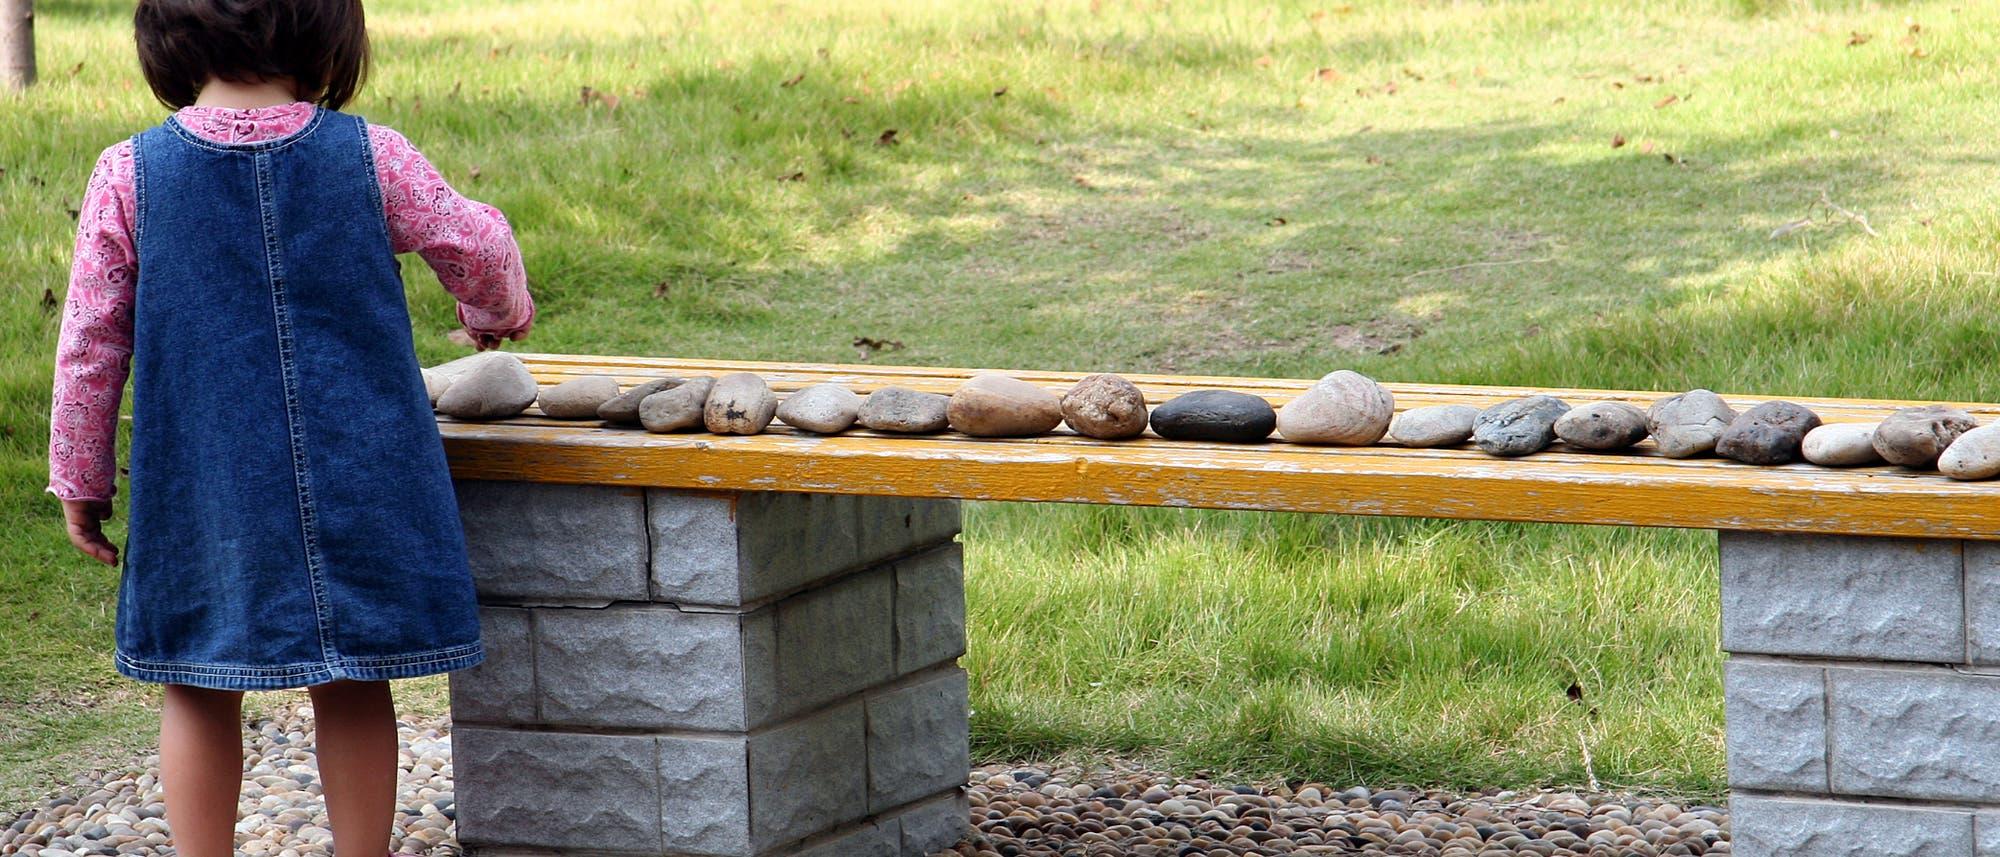 Kind ordnet Steine auf einer Bank der Reihe nach